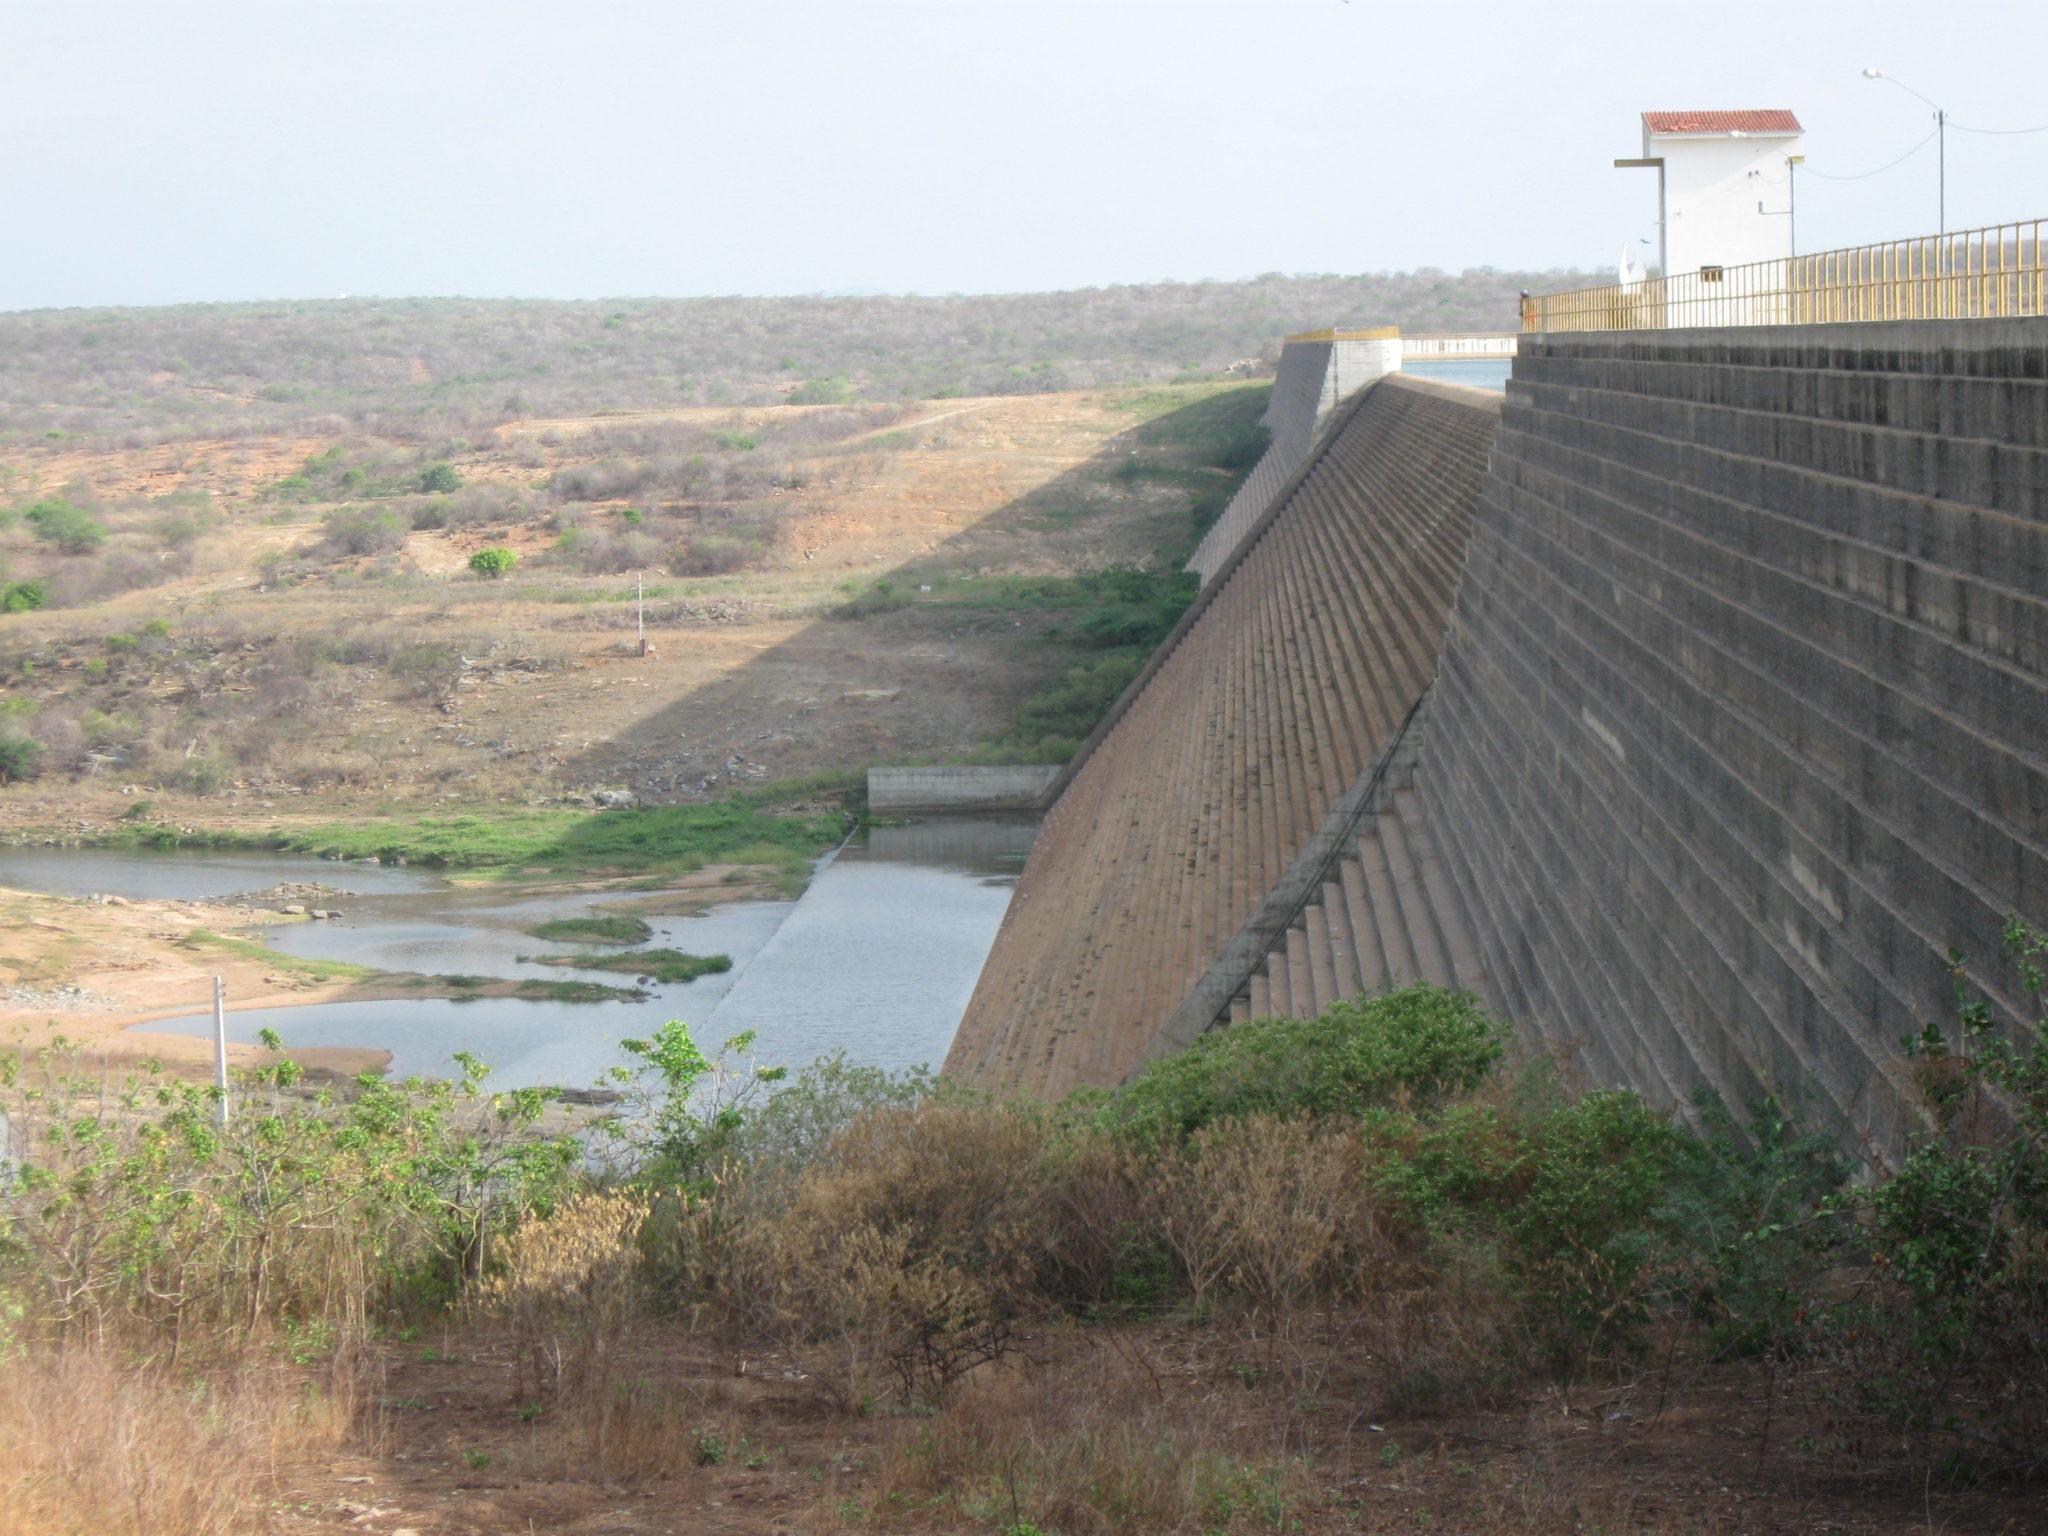 L'azienda italiana GEODATA distrugge territori in nome della sostenibilità